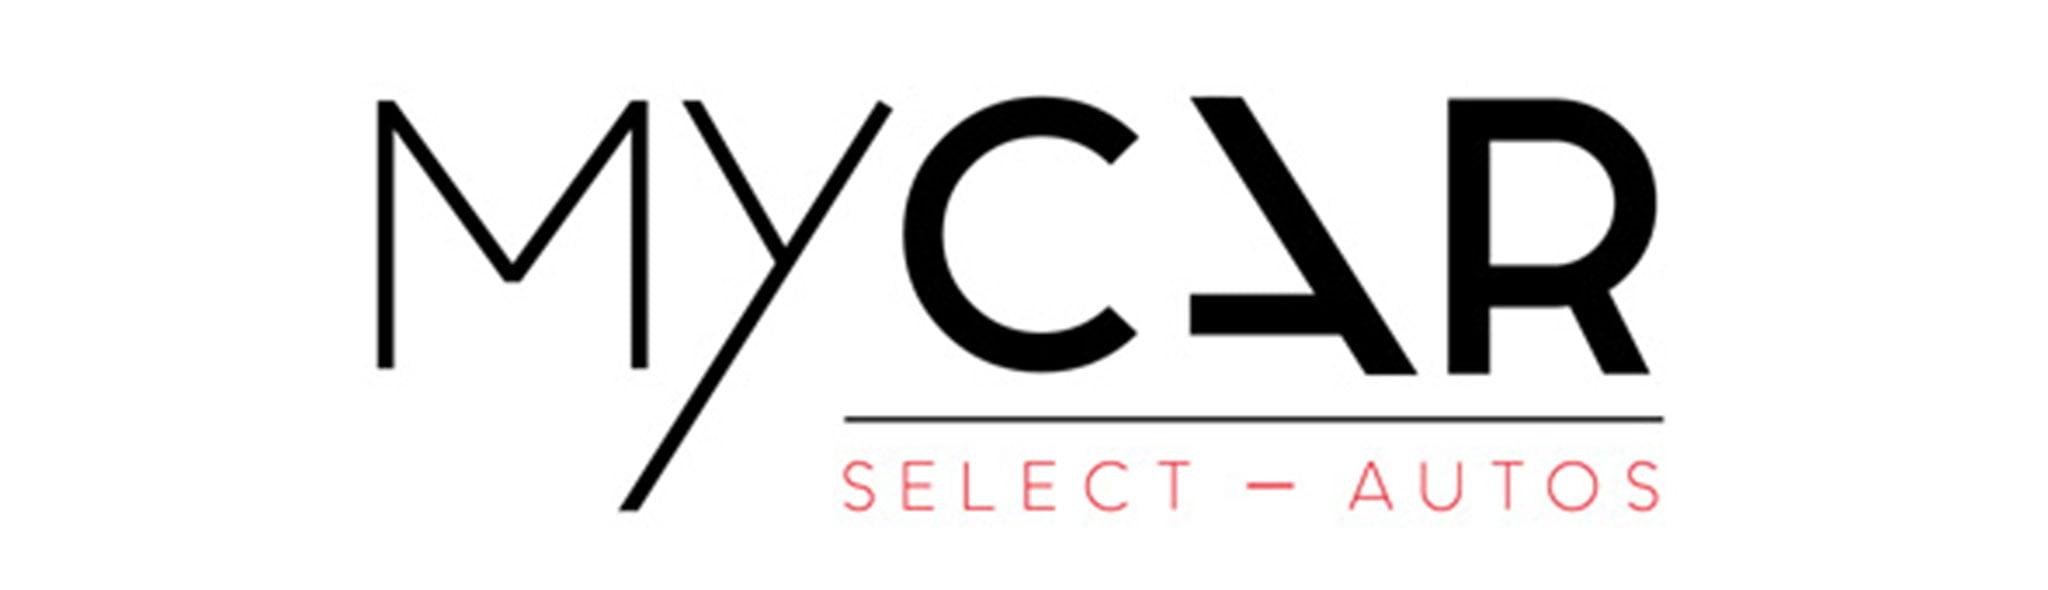 MY CAR Select Autos logo